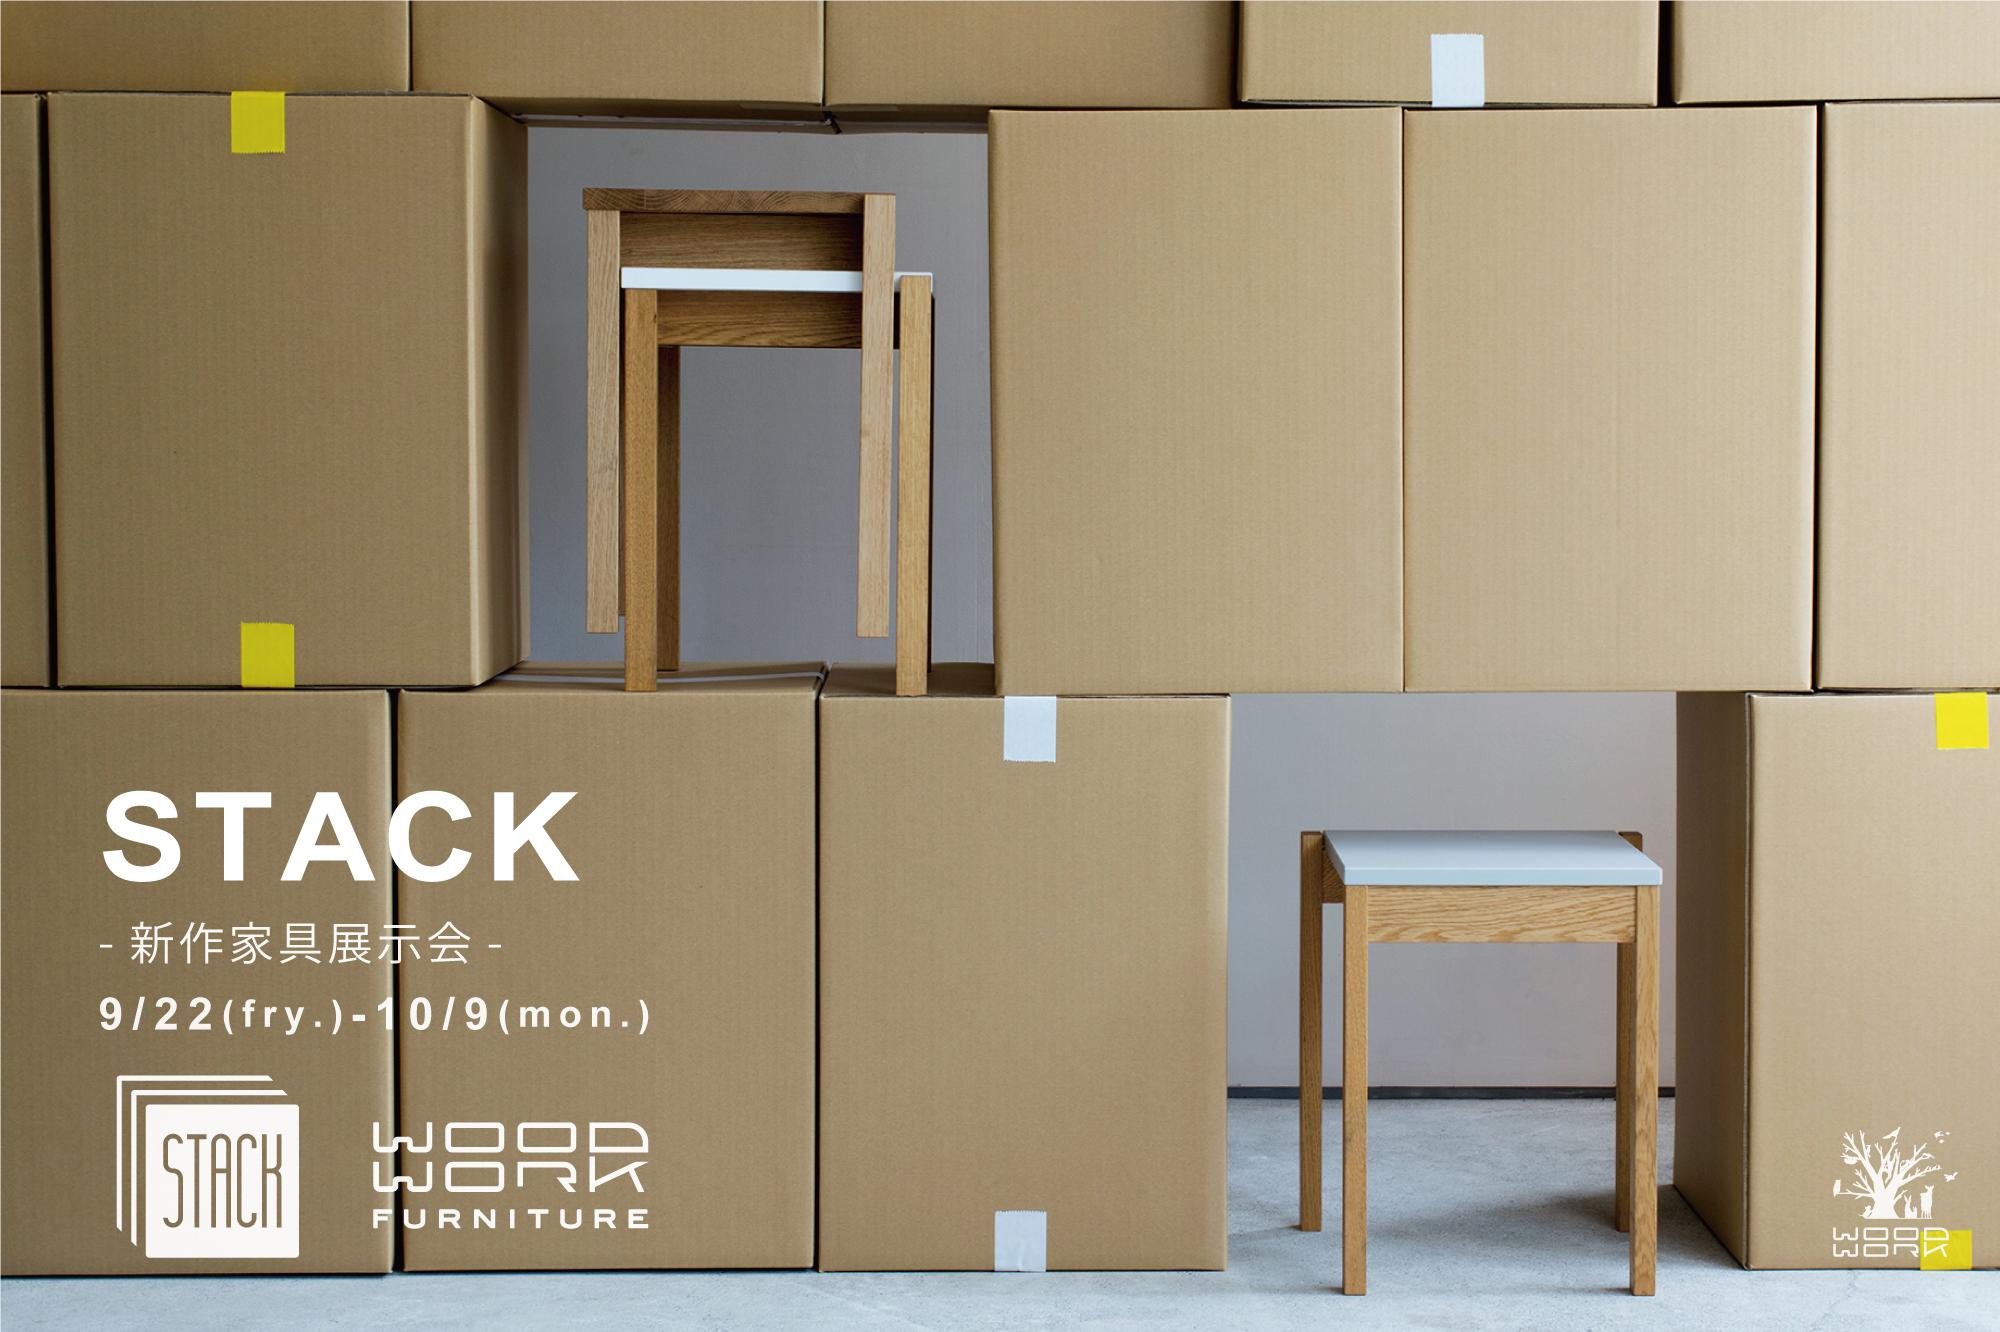 「STACK 」新作家具展示会